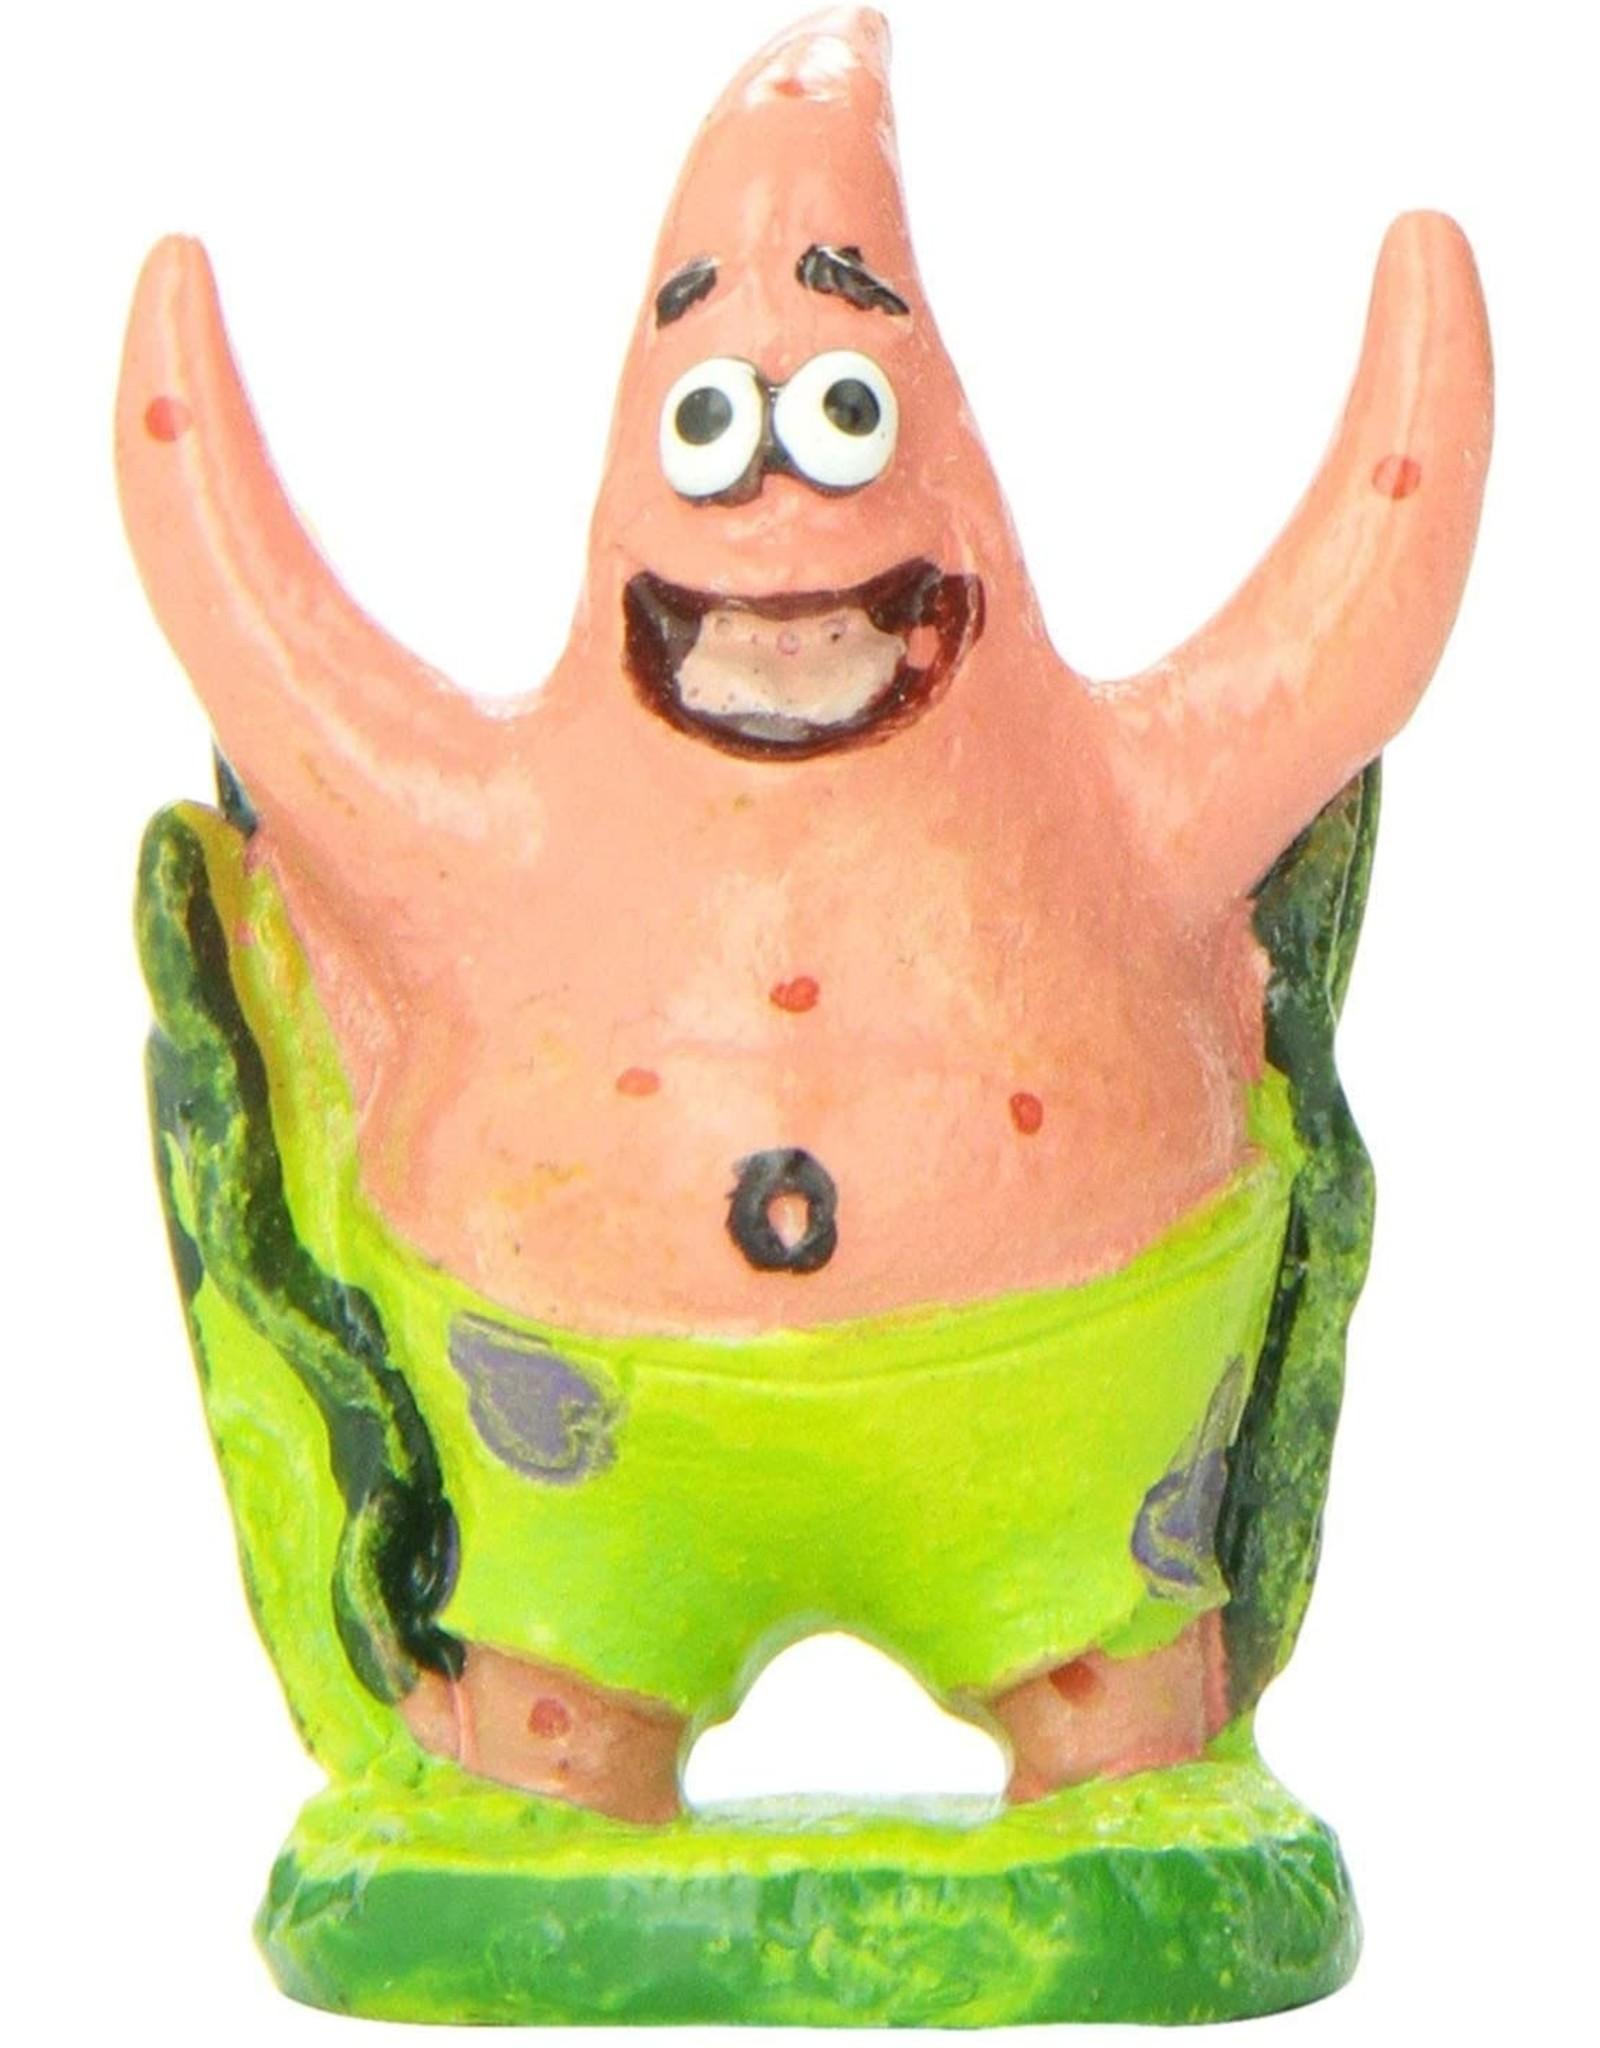 Penn Plax PENN PLAX Spongebob Ornament Mini Patrick Licensed